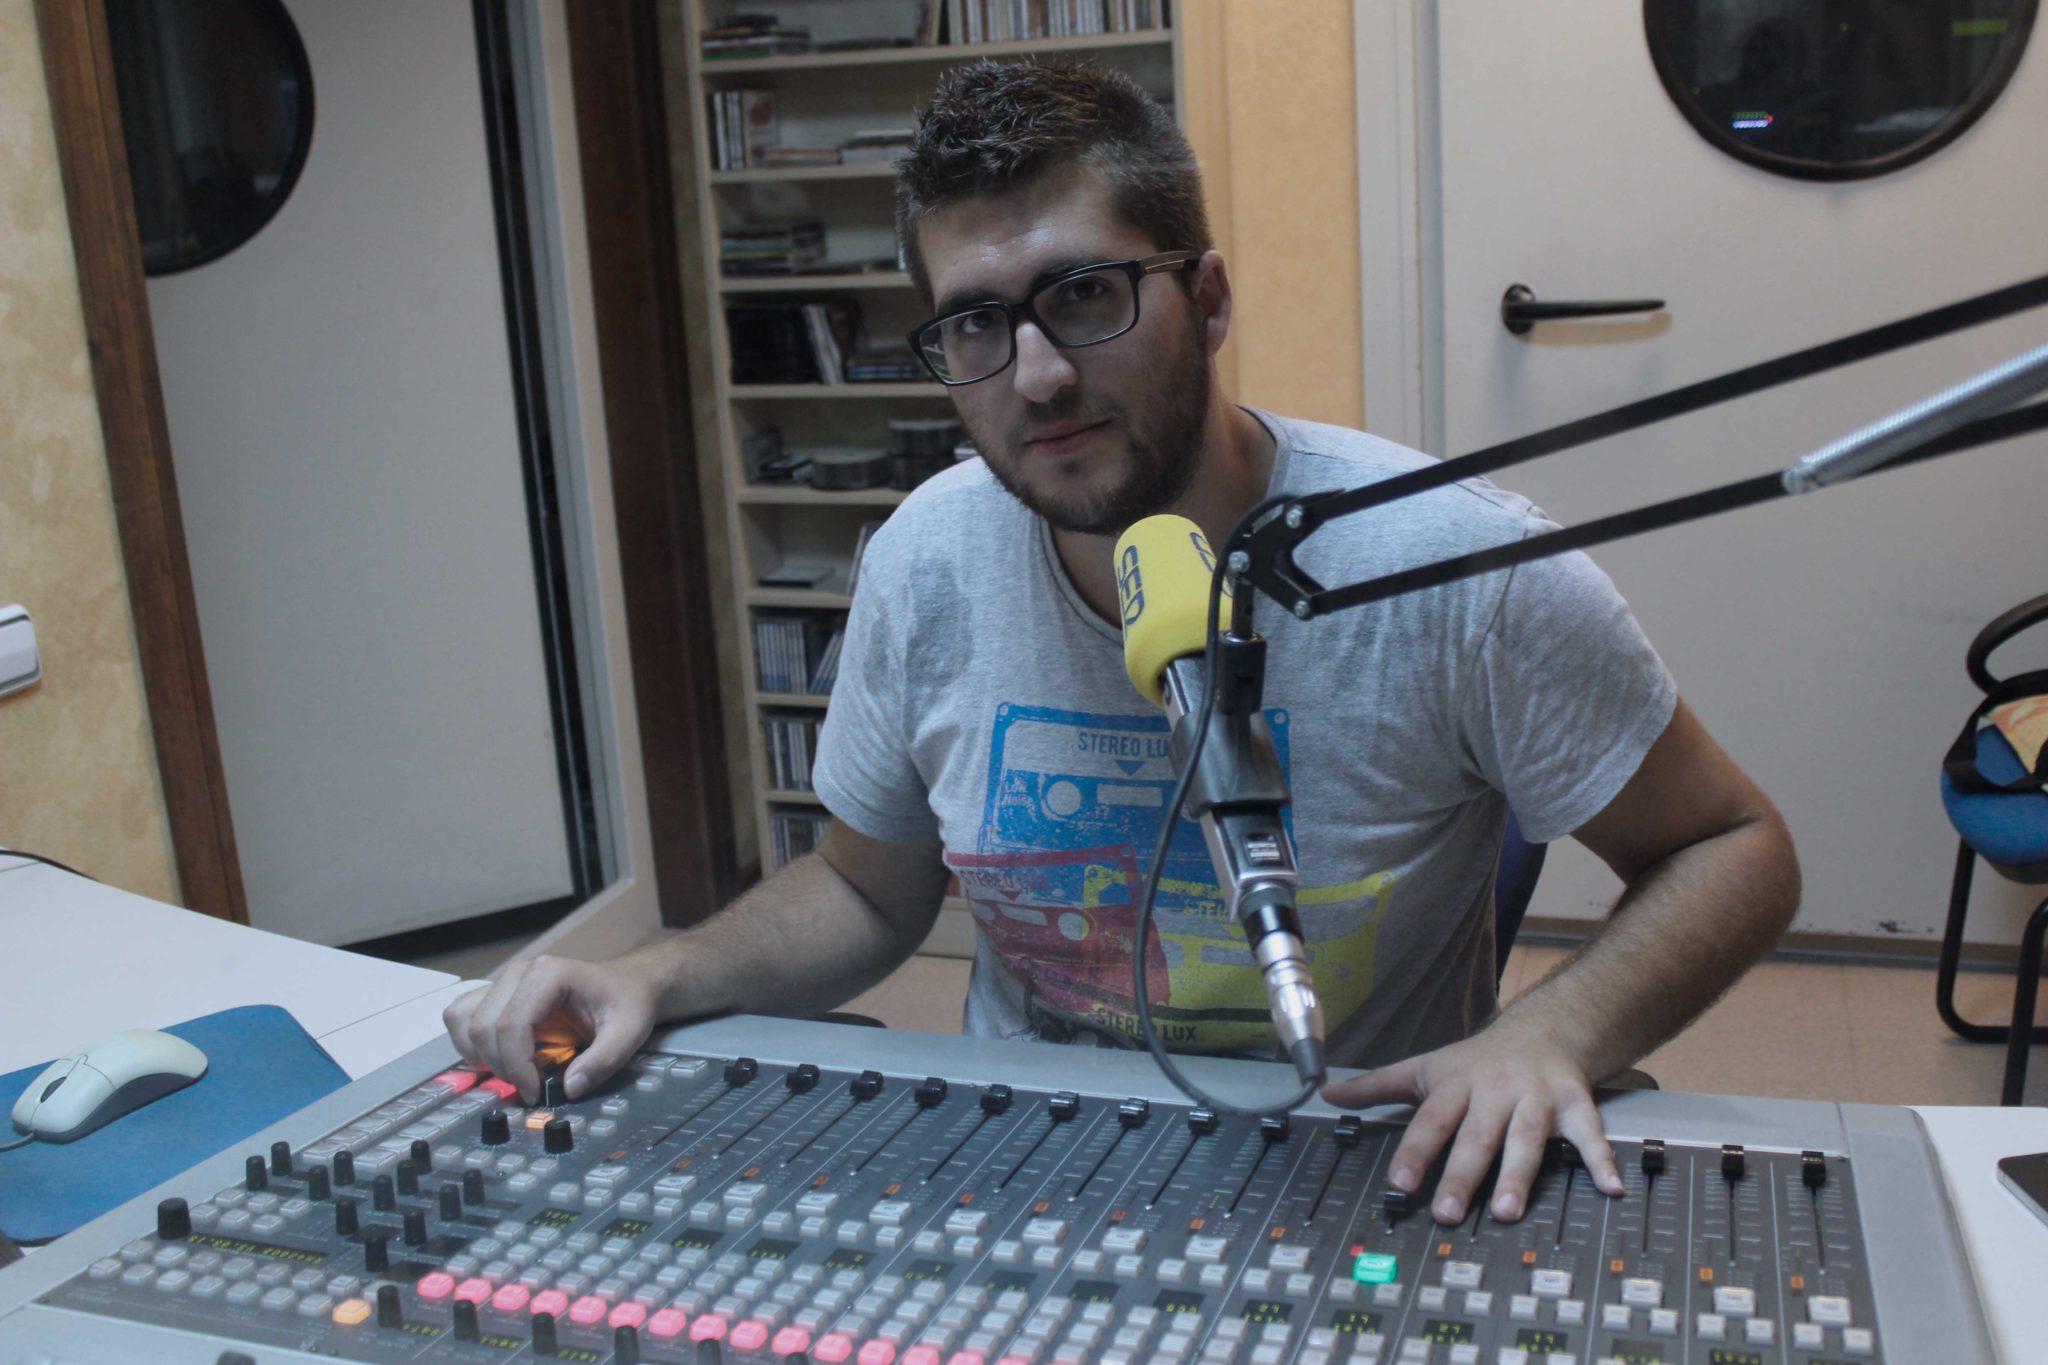 Técnico de sonido y continuidad y realizador para Cadena SER provincia de Almería